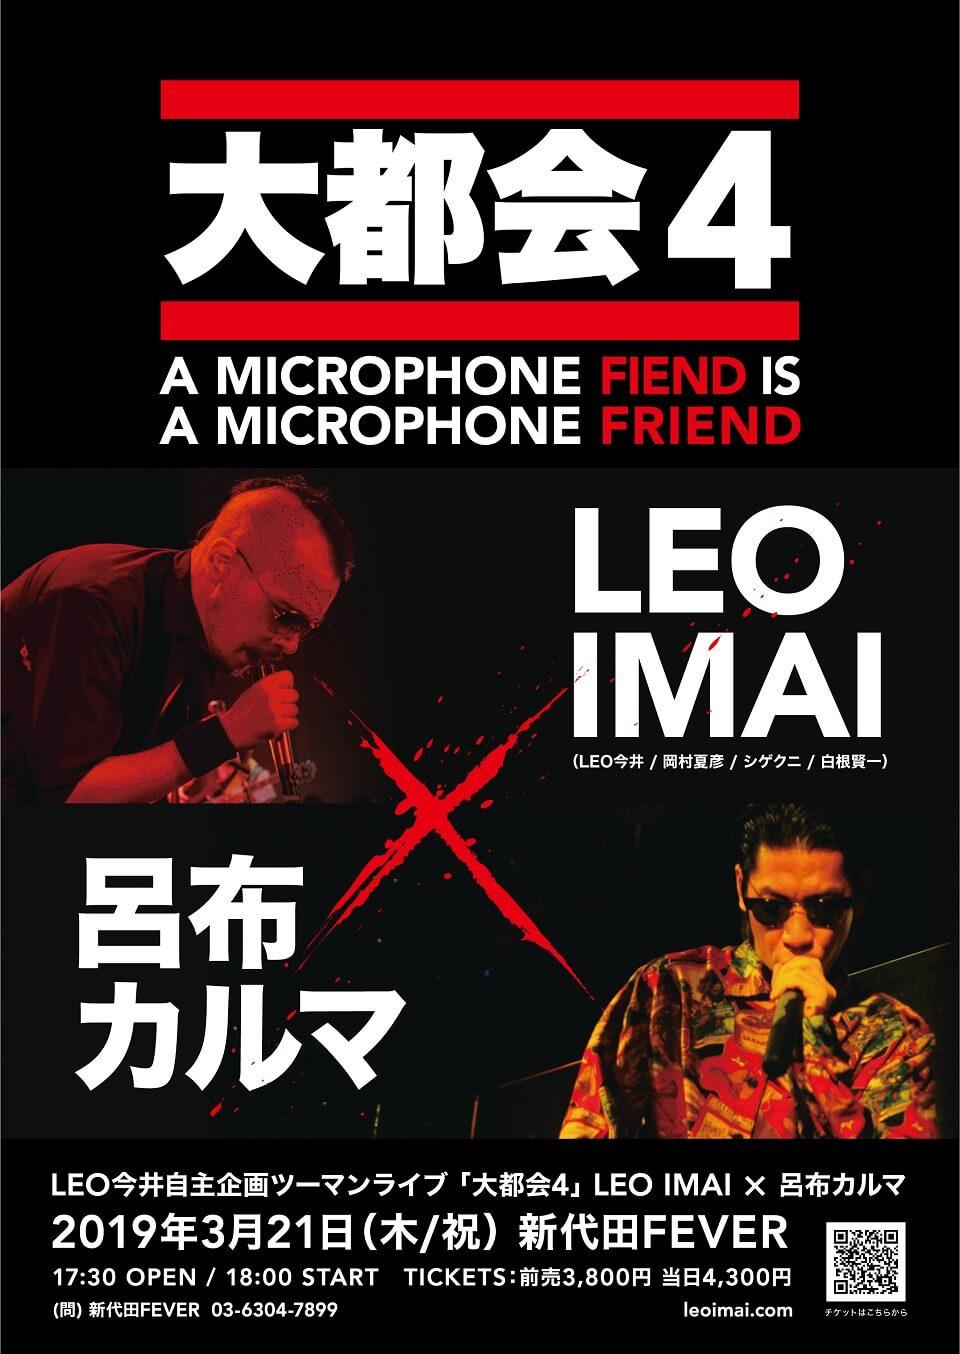 LEO今井、ワンマンツアー東京公演で来年3月にLEO IMAI×呂布カルマの自主企画ツーマンイベント開催を発表サムネイル画像